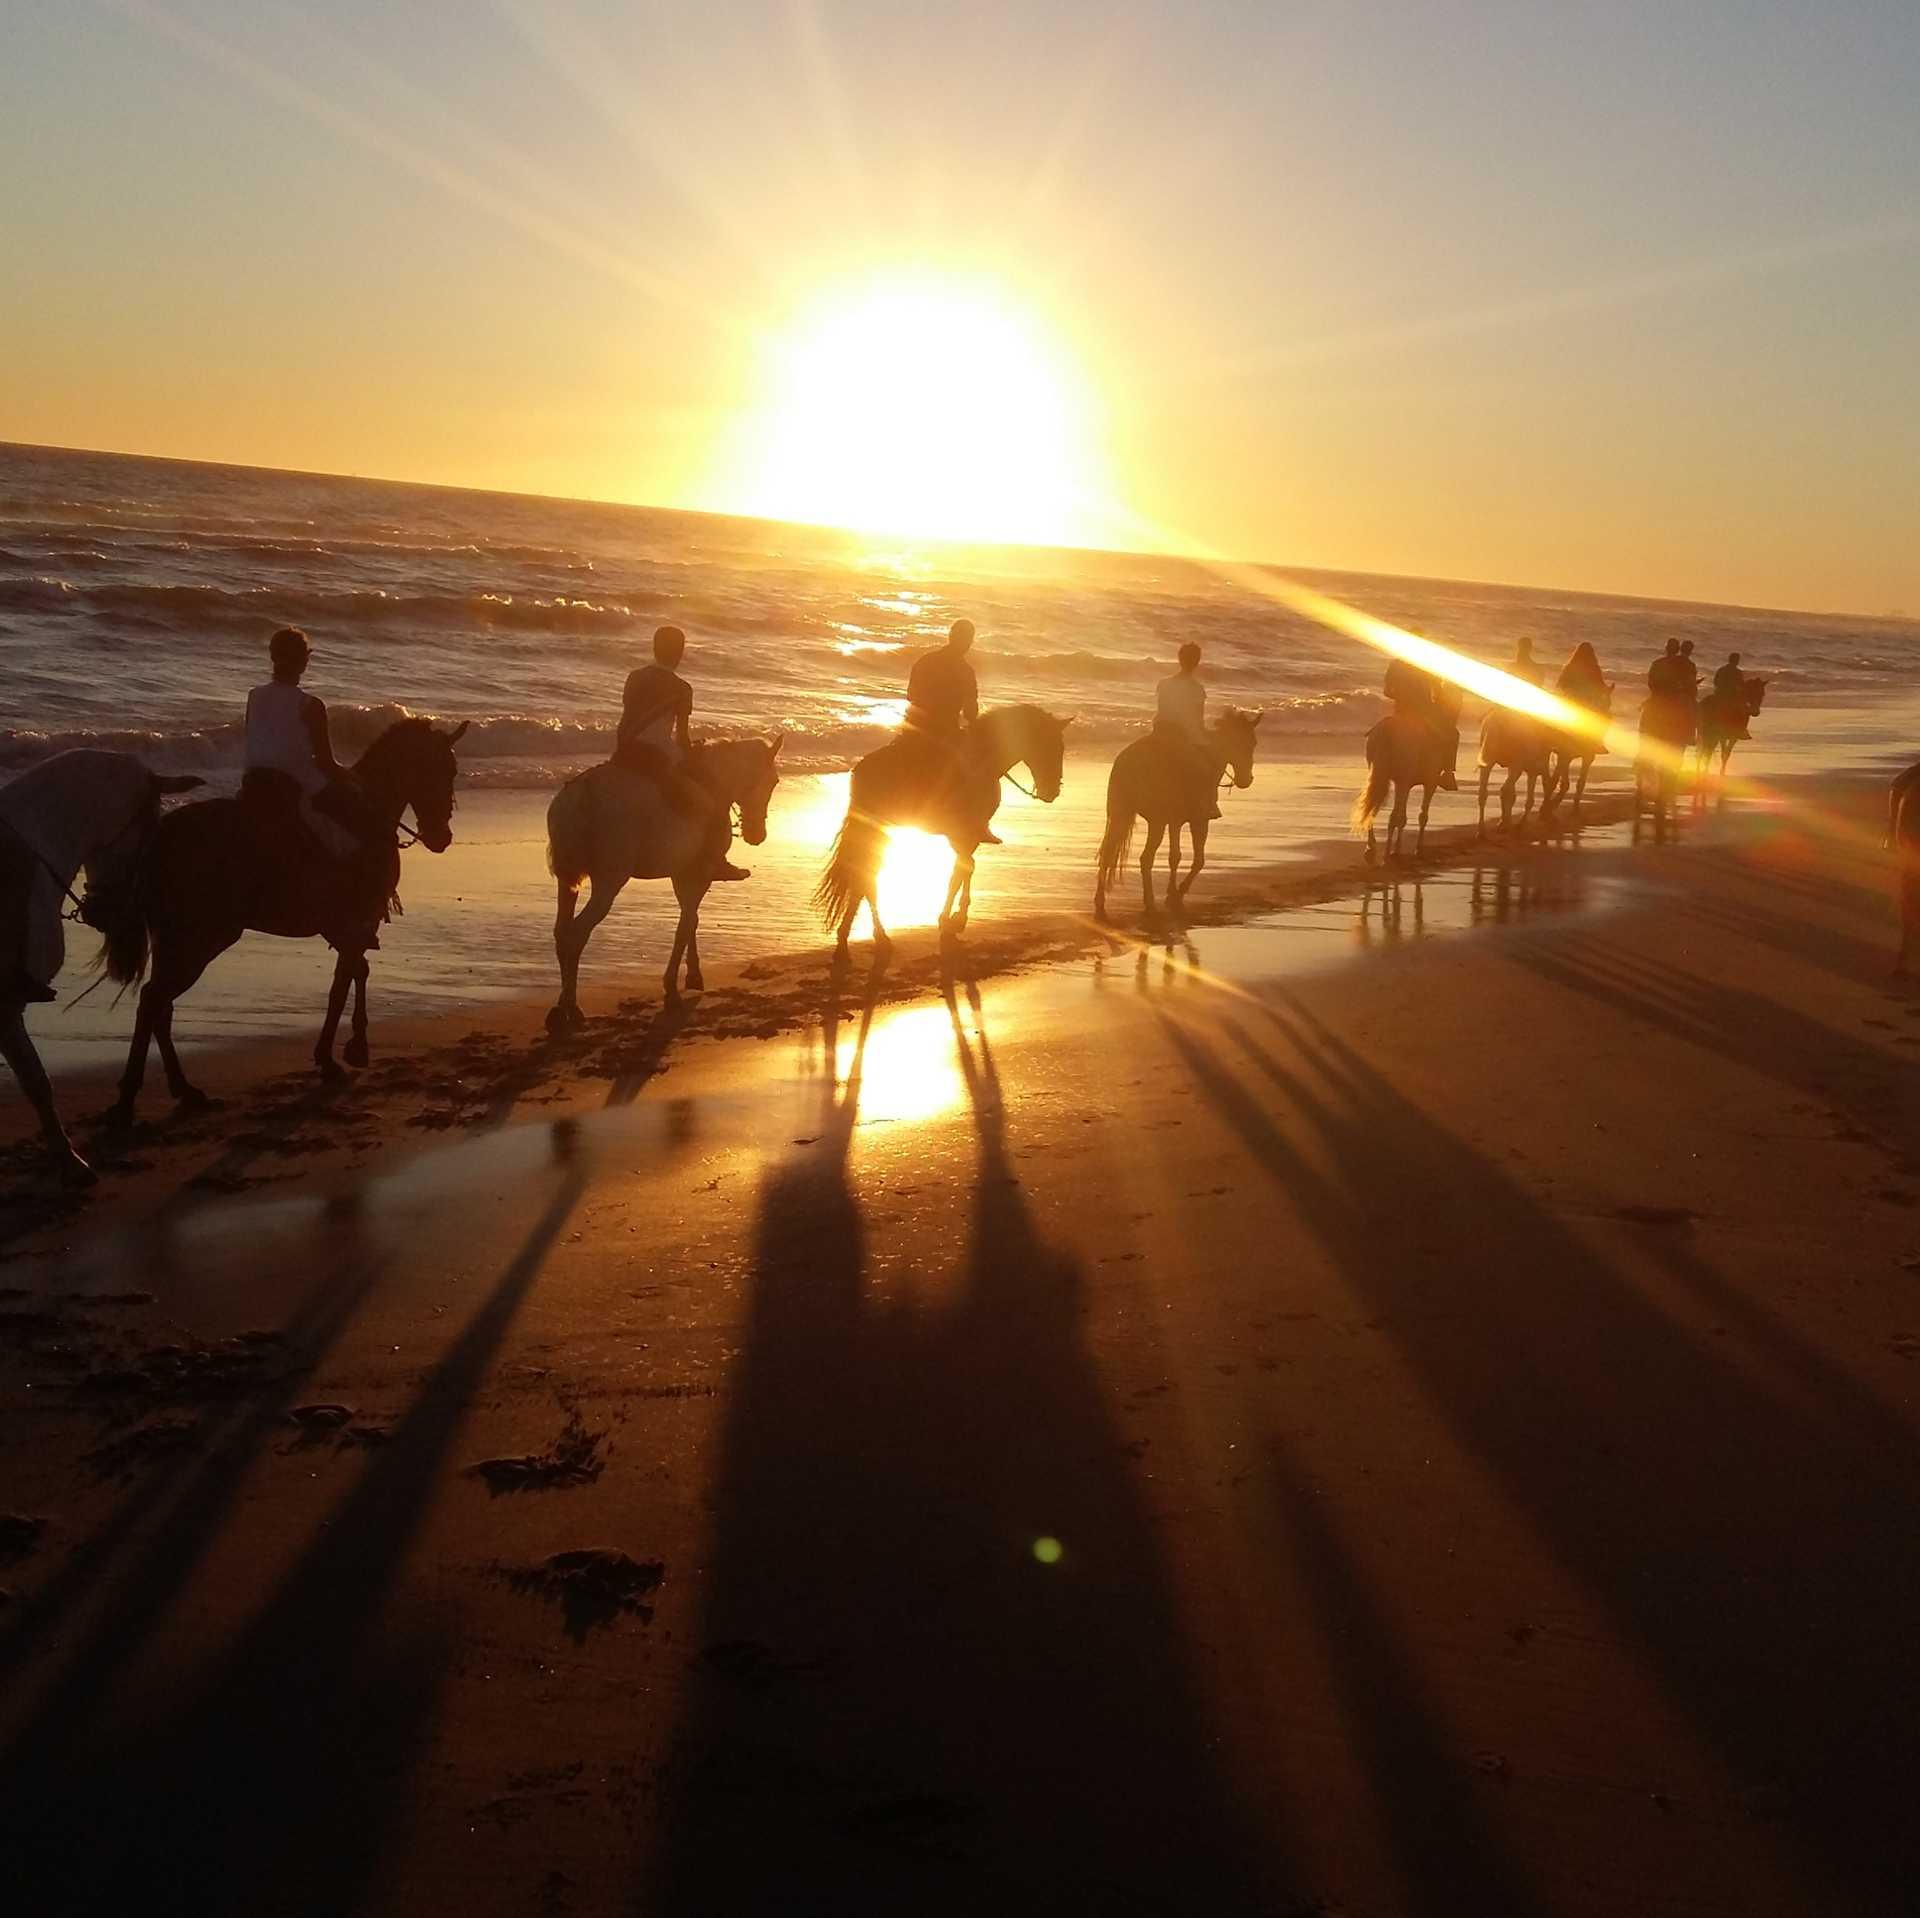 Hamelin: Ruta puesta del sol:Disfruta de un mágico atardecer a caballo en las playas vírgenes - Actividad  (Lucena del Puerto)